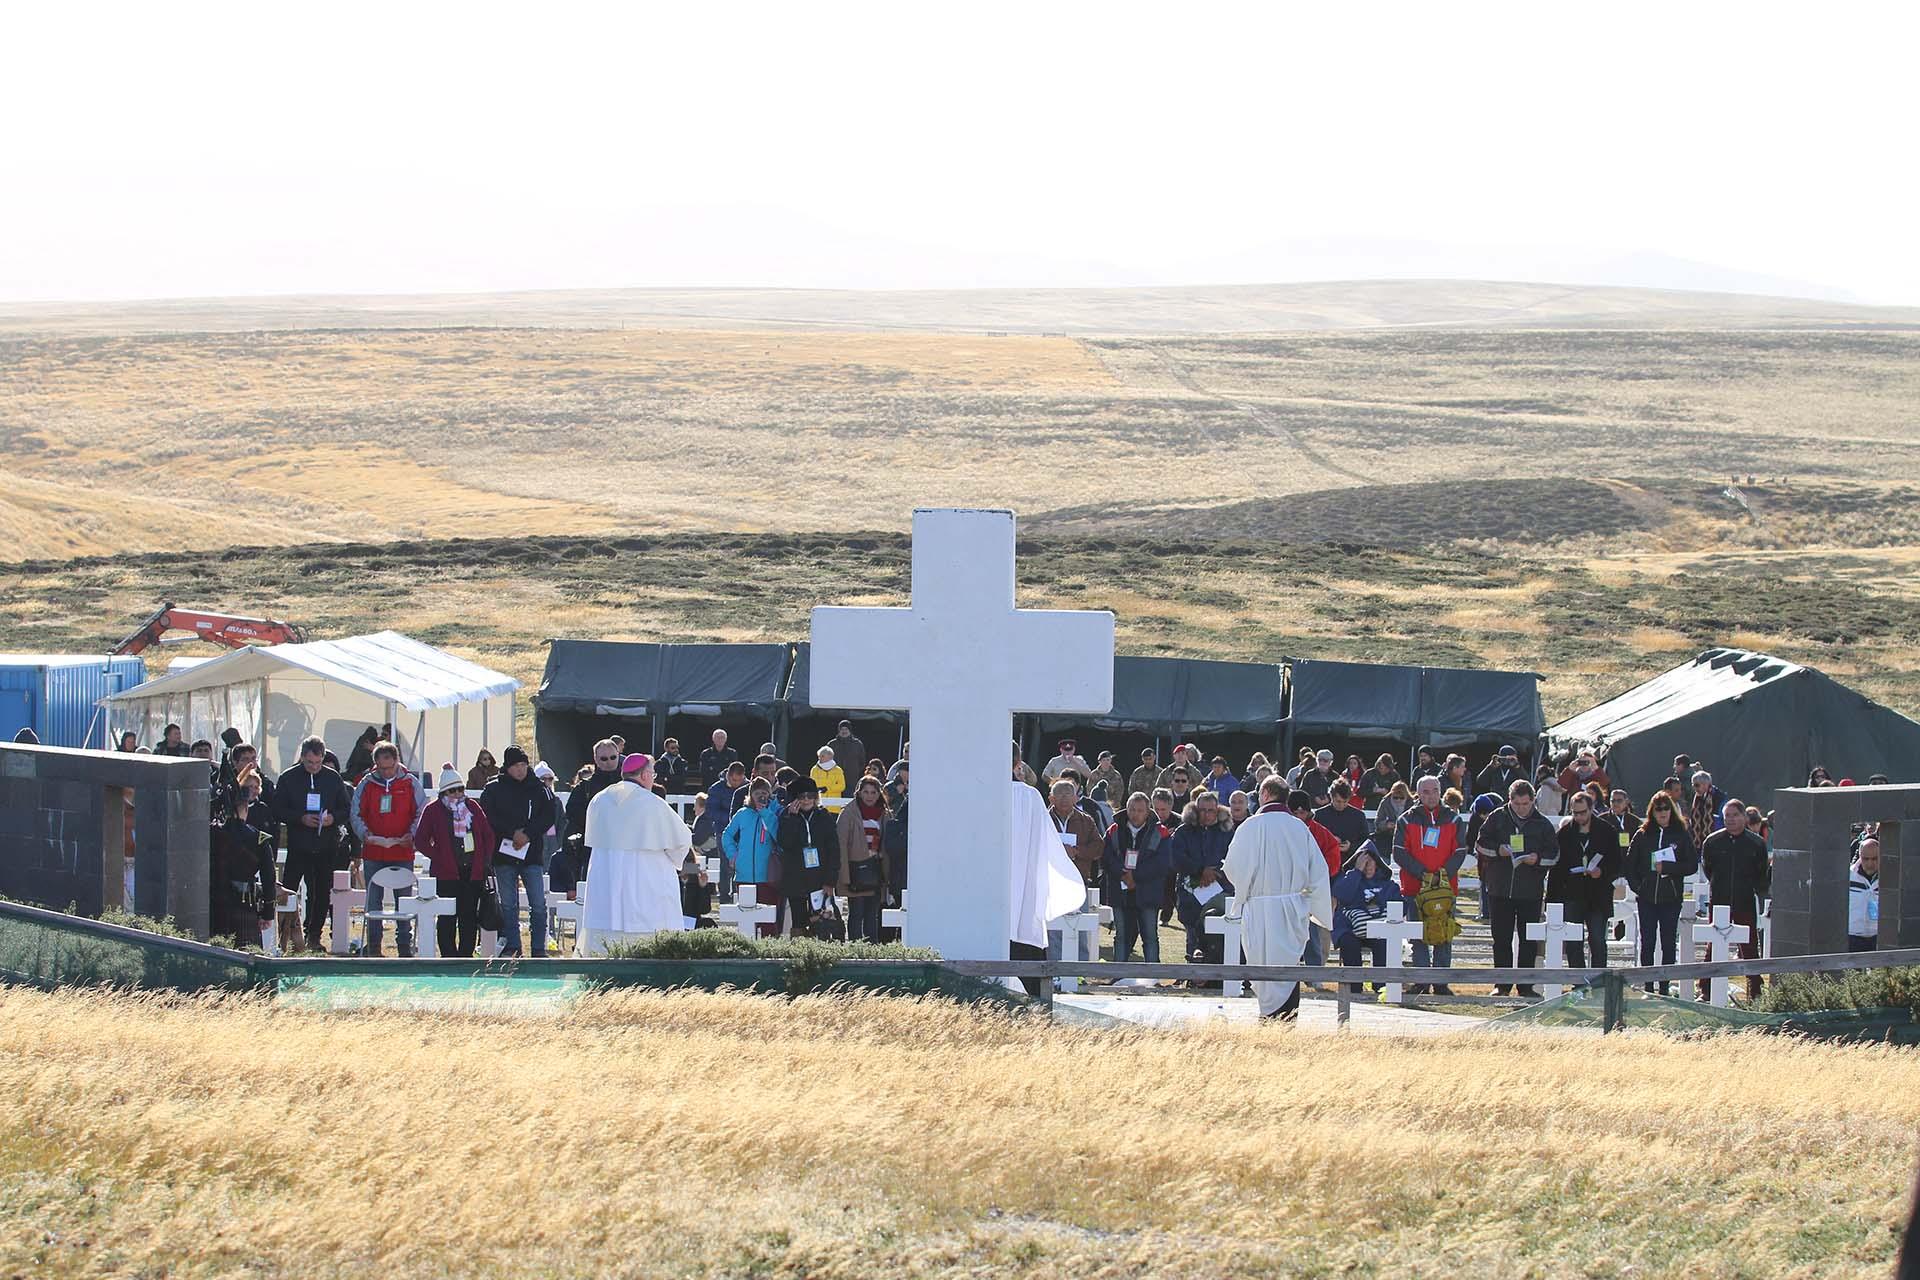 La gran Cruz del cementerio y detrás las carpas armadas especialmente para este histórico día